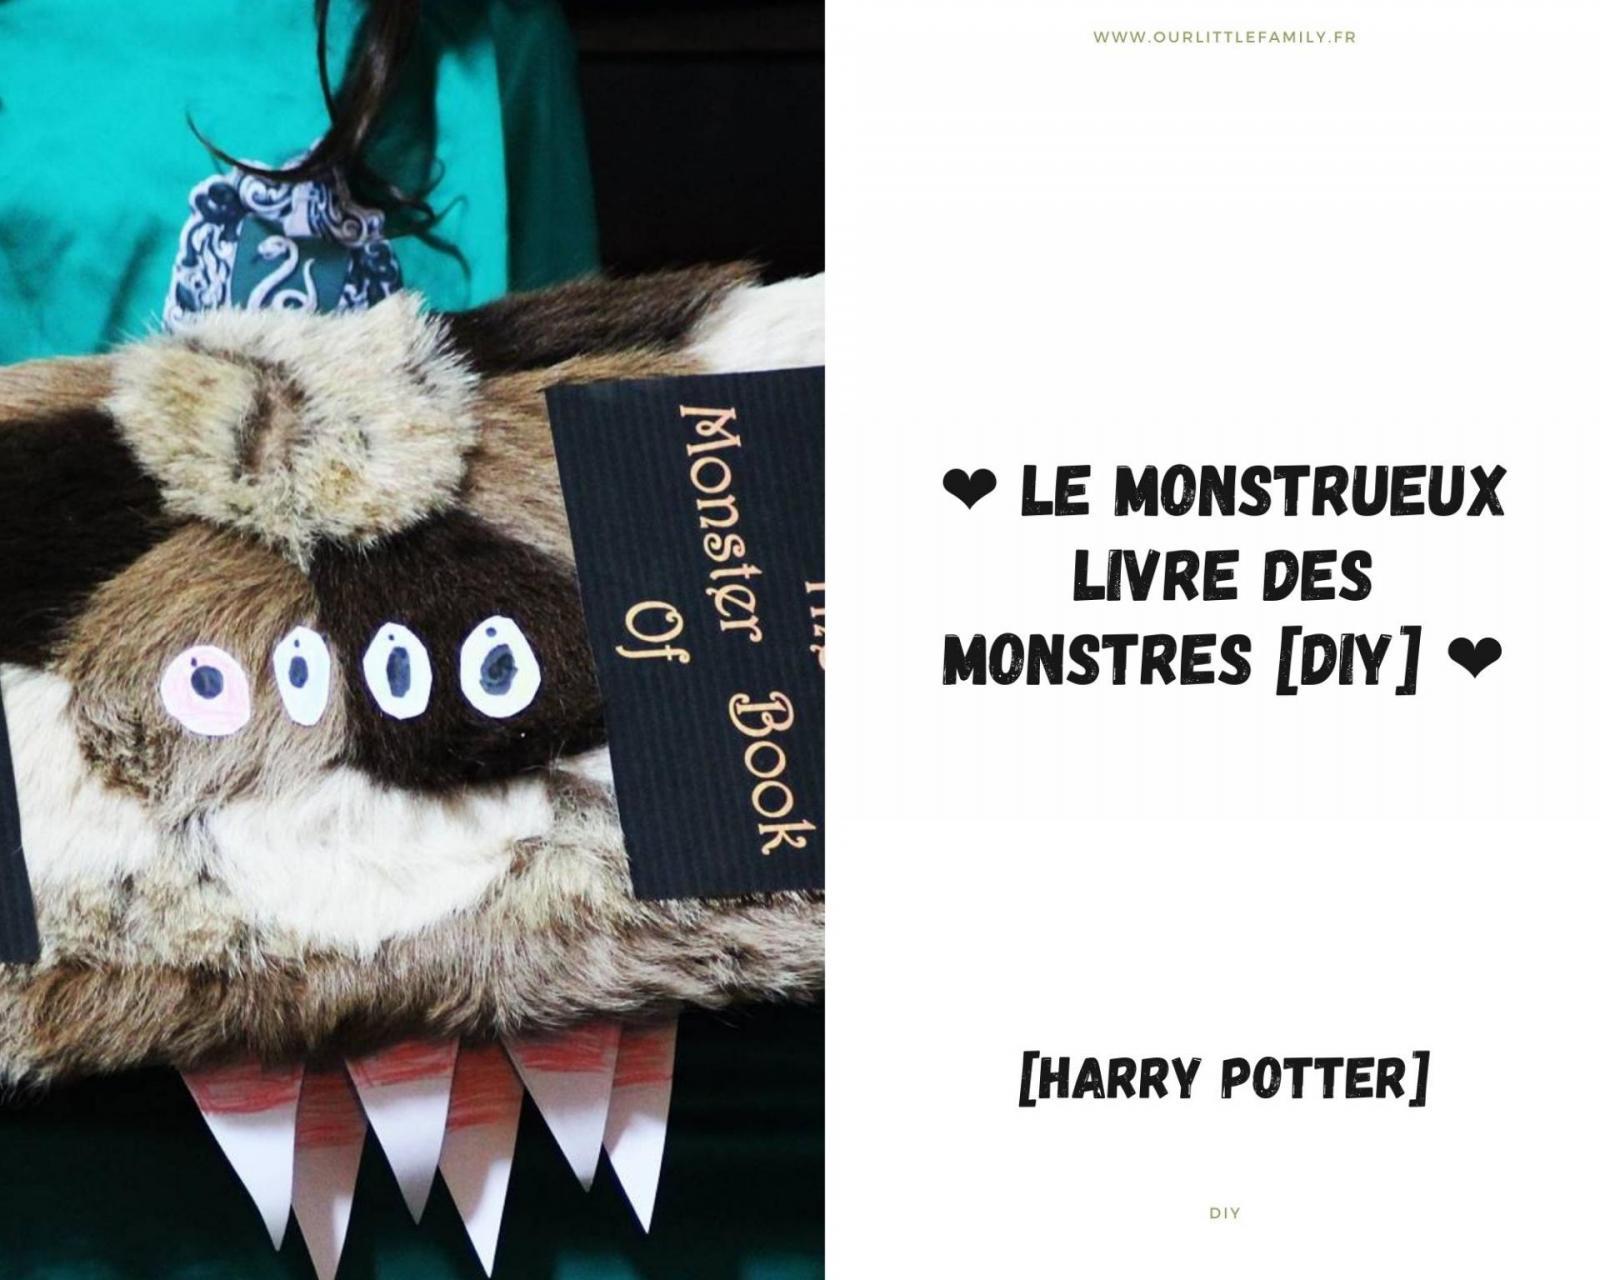 Le monstrueux livre des monstres [DIY HARRY POTTER]